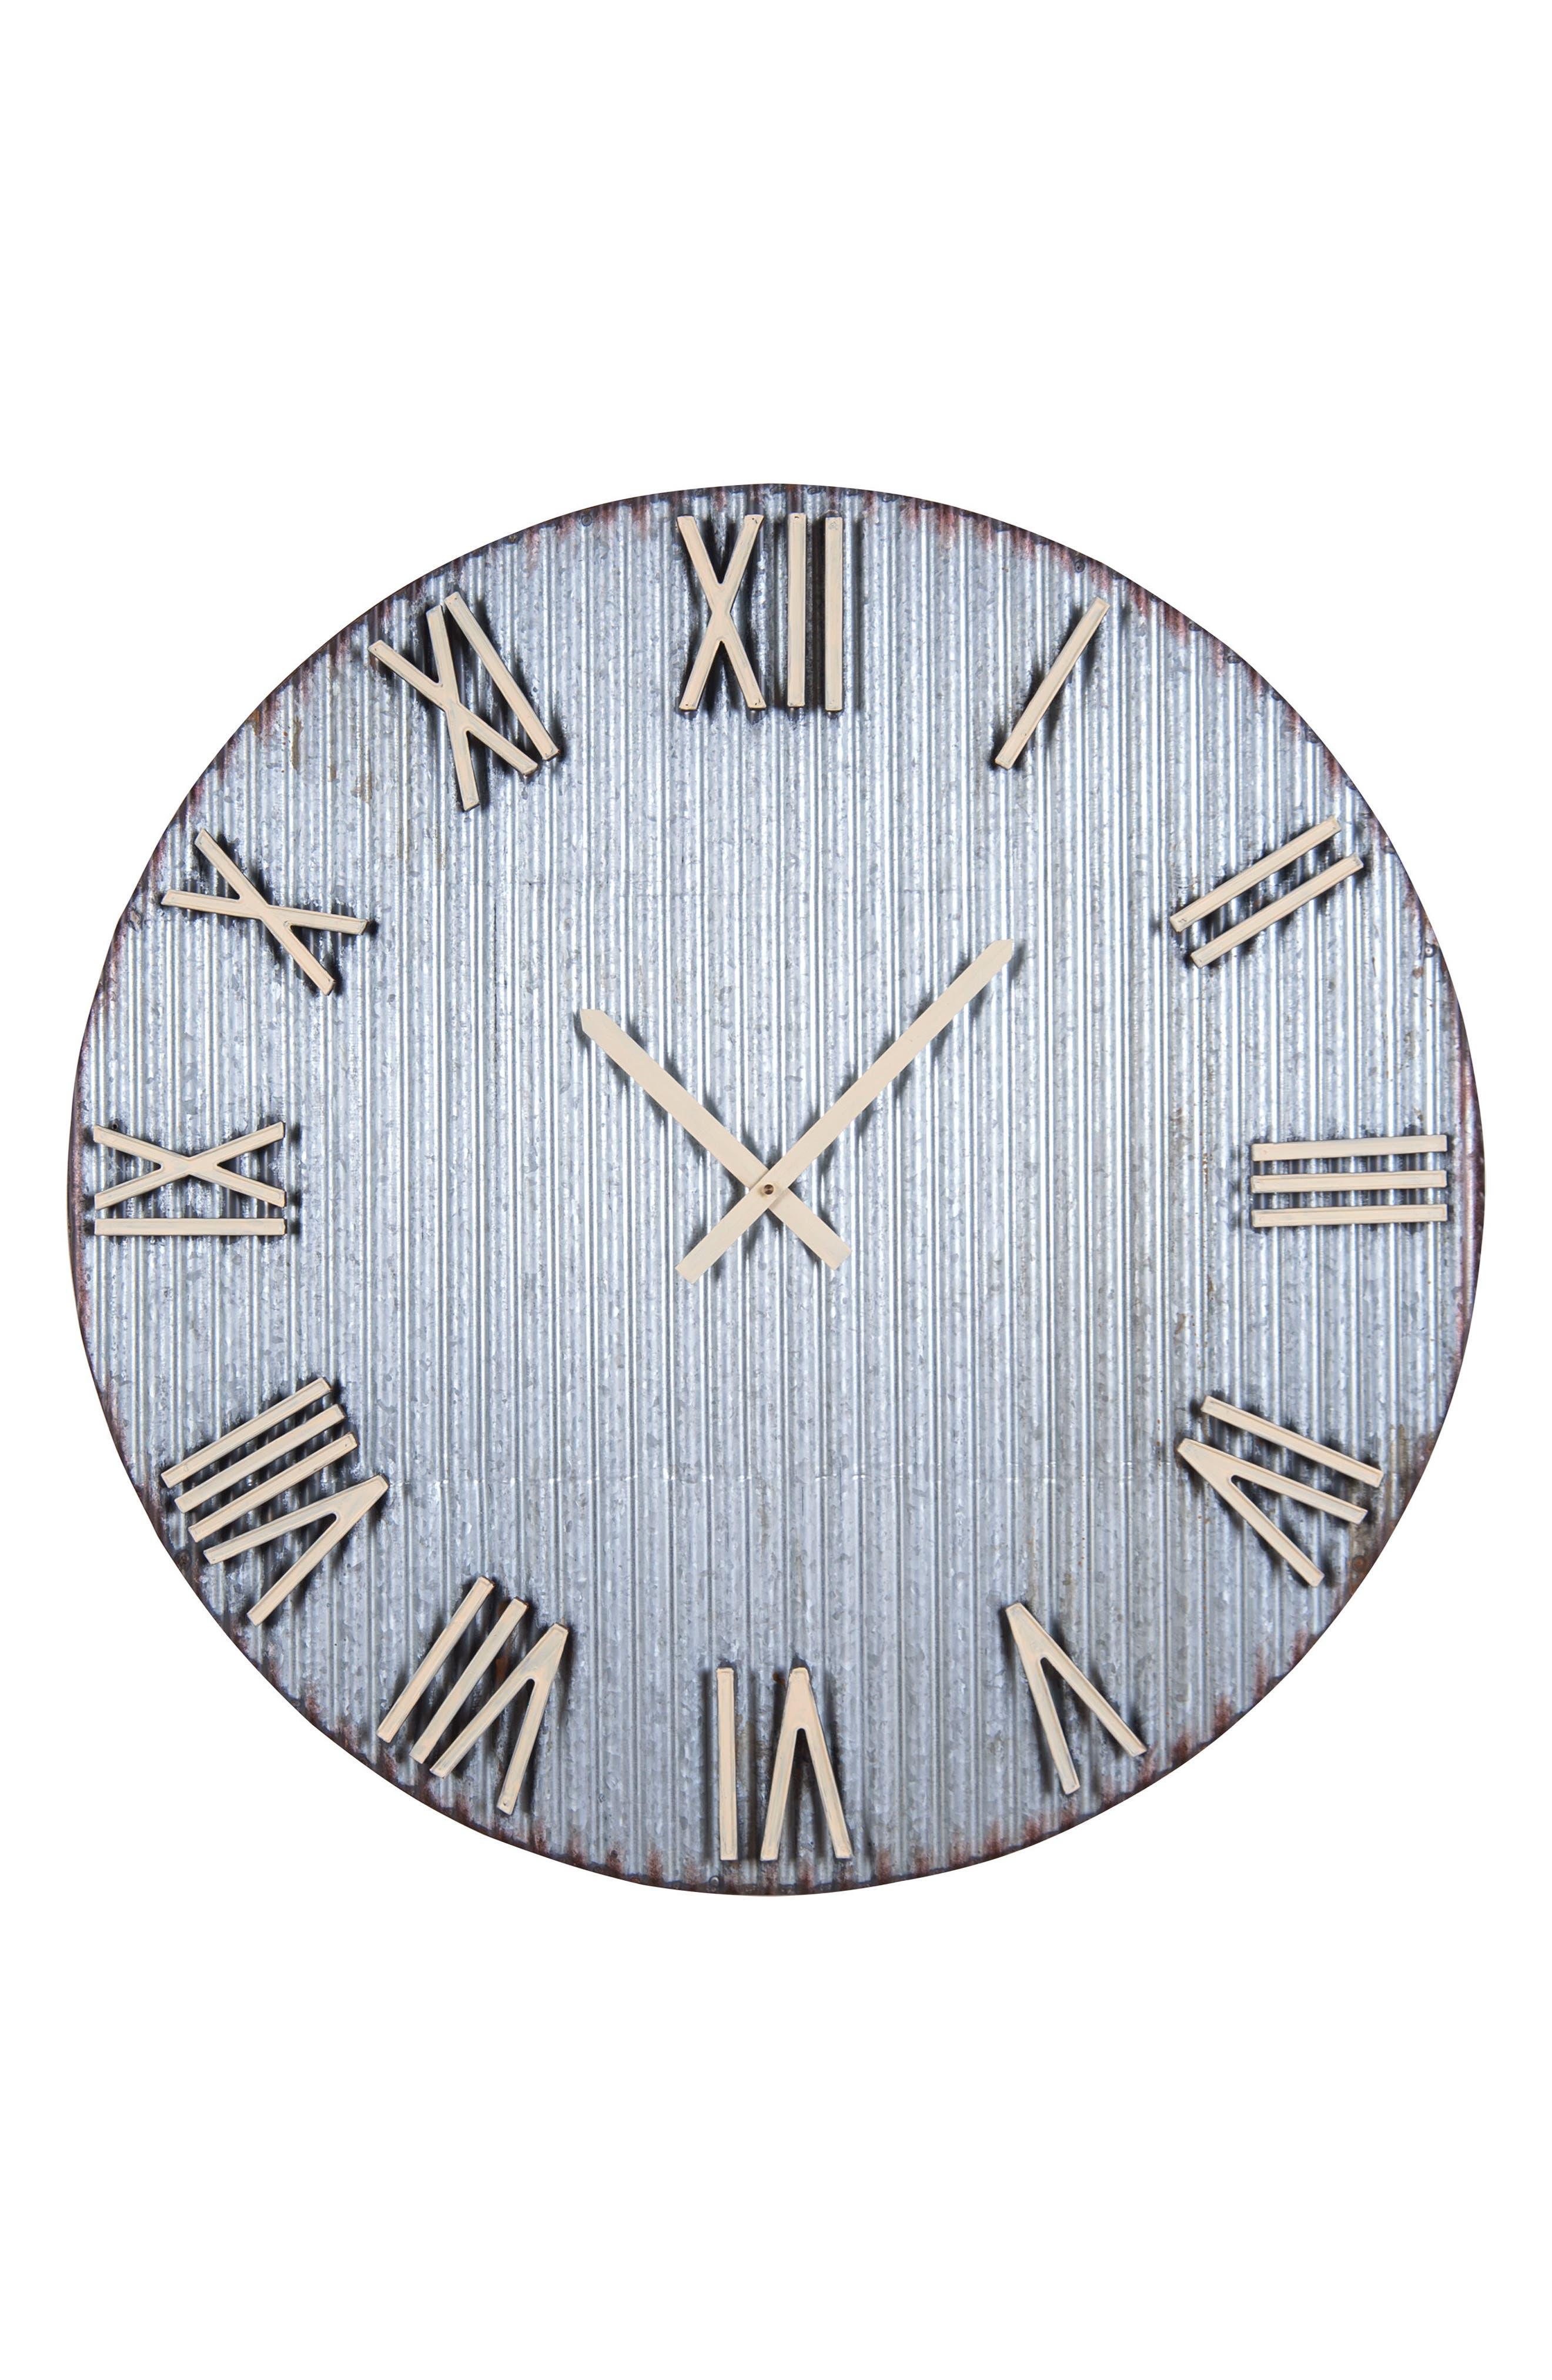 Farmers Corrugated Metal Wall Clock,                         Main,                         color, Metal